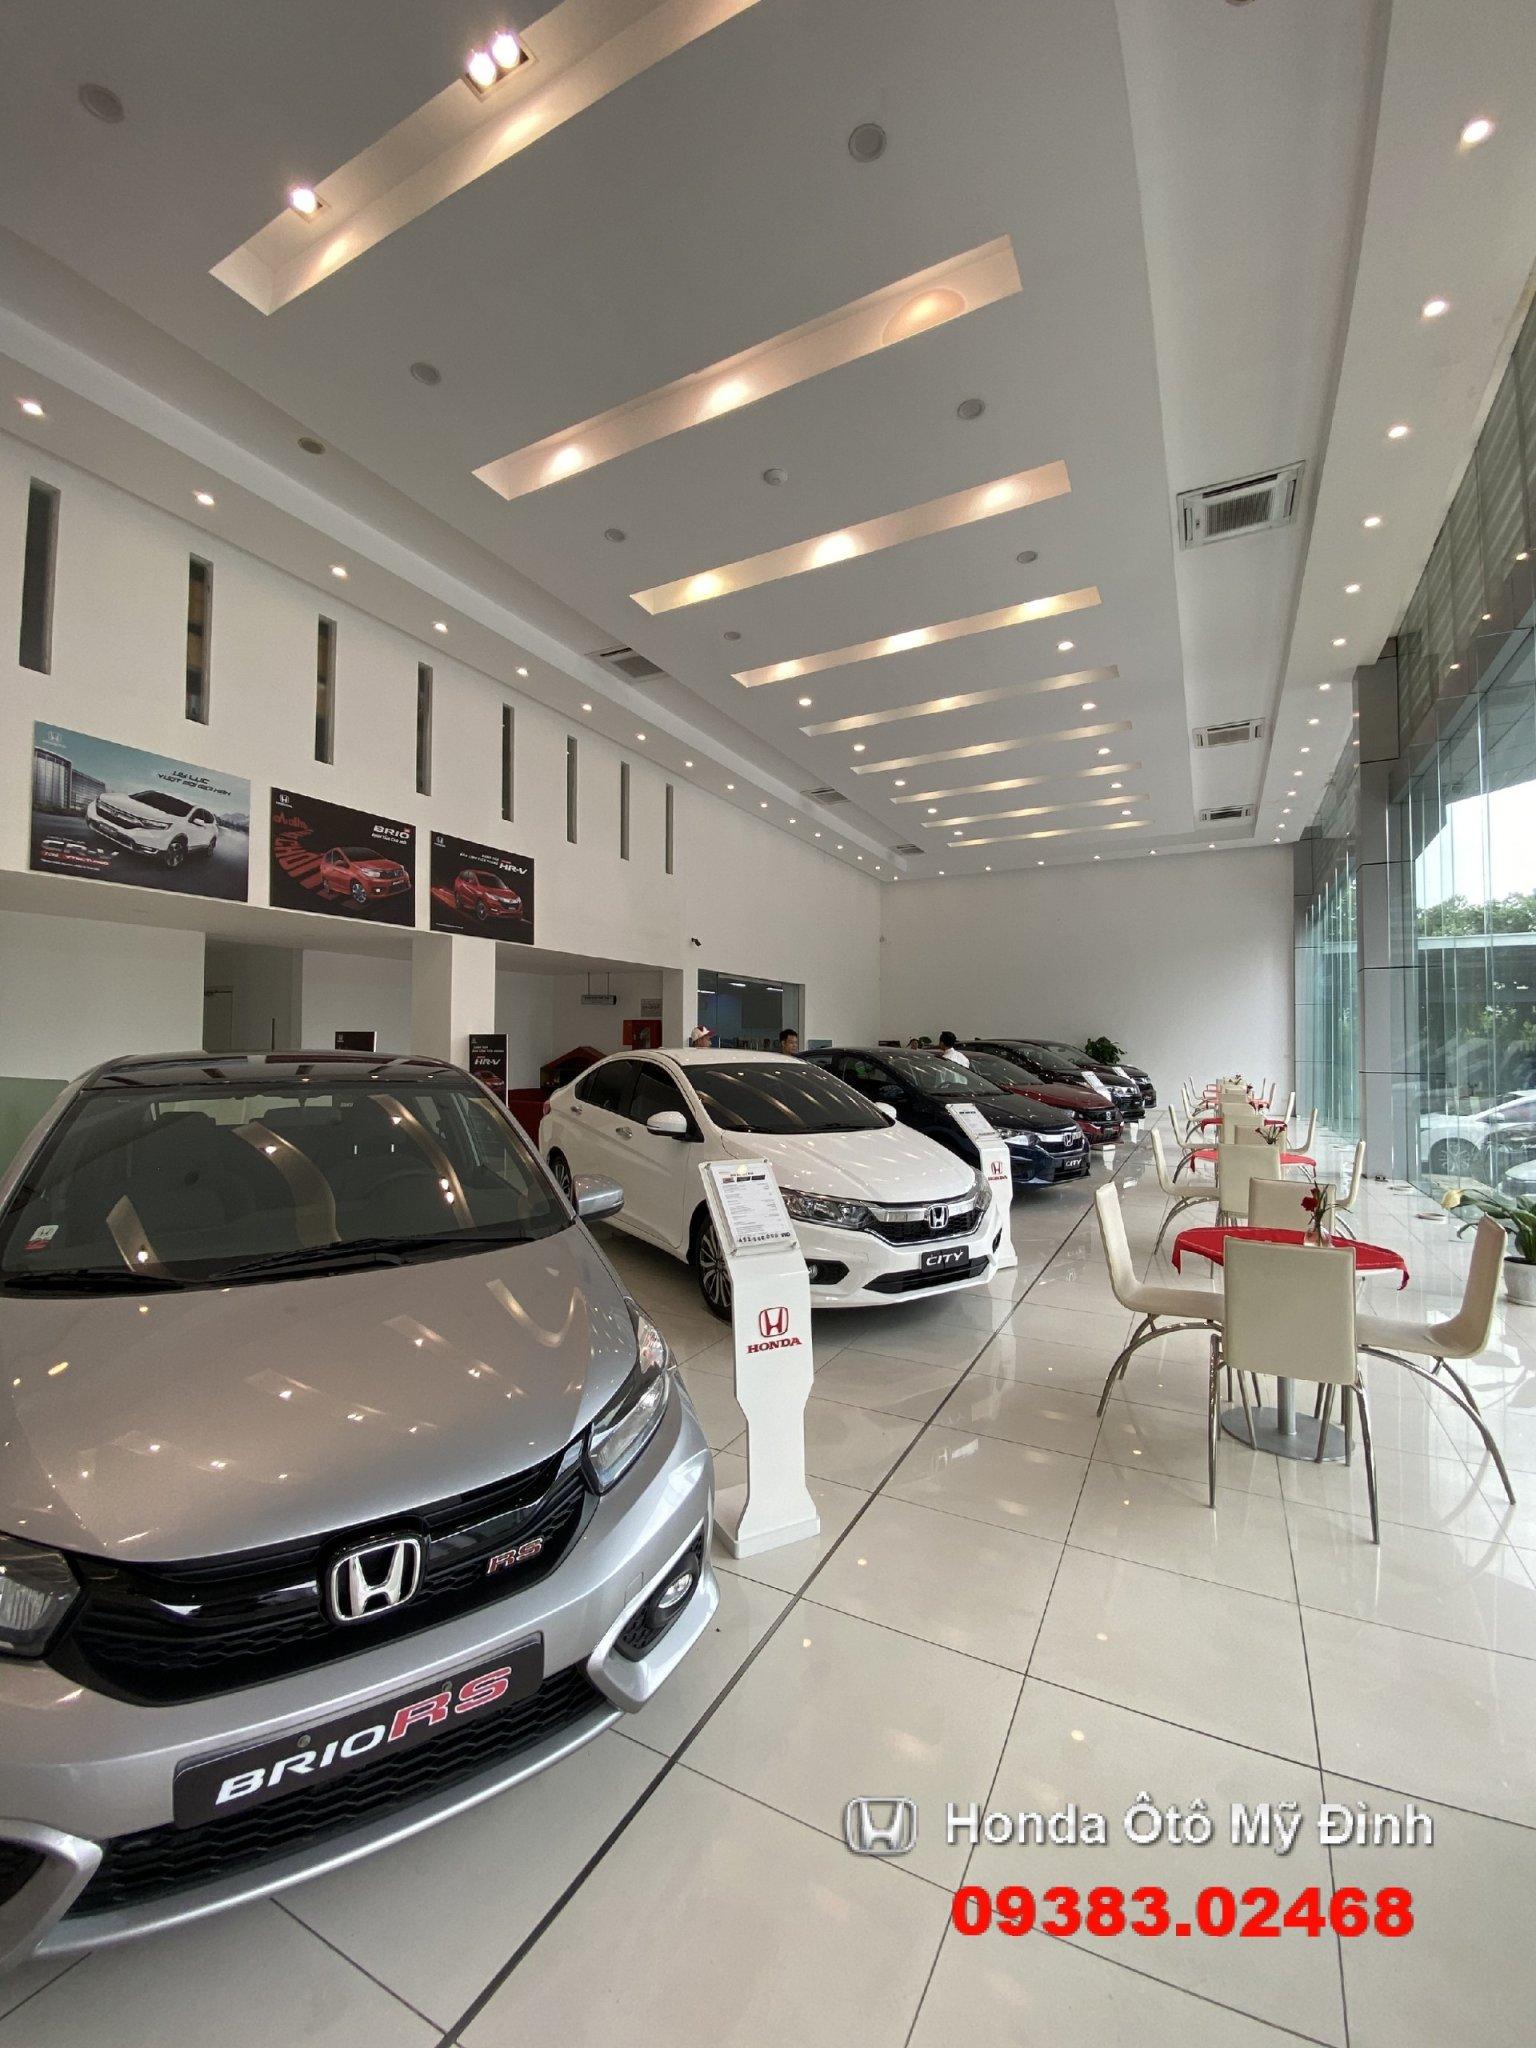 Showroom Honda oto Mỹ ĐÌnh